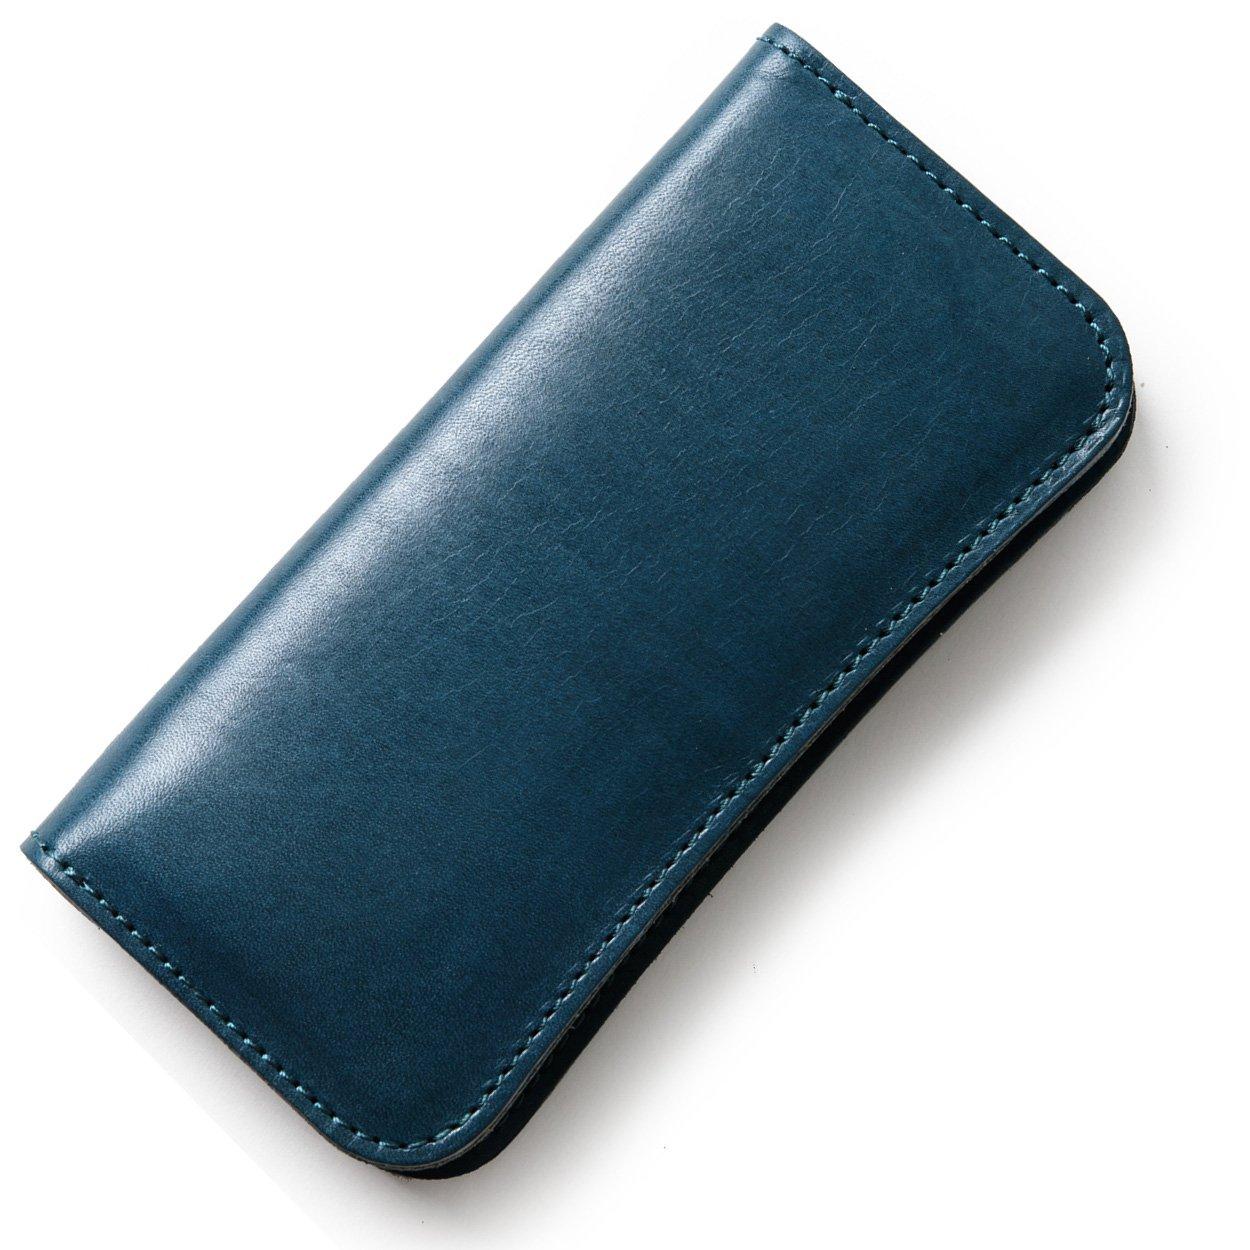 (東京下町工房)長財布 メンズ財布 本革 栃木レザー ヌメ革 日本製 全6色 B07BYD8HZC ブルー ブルー